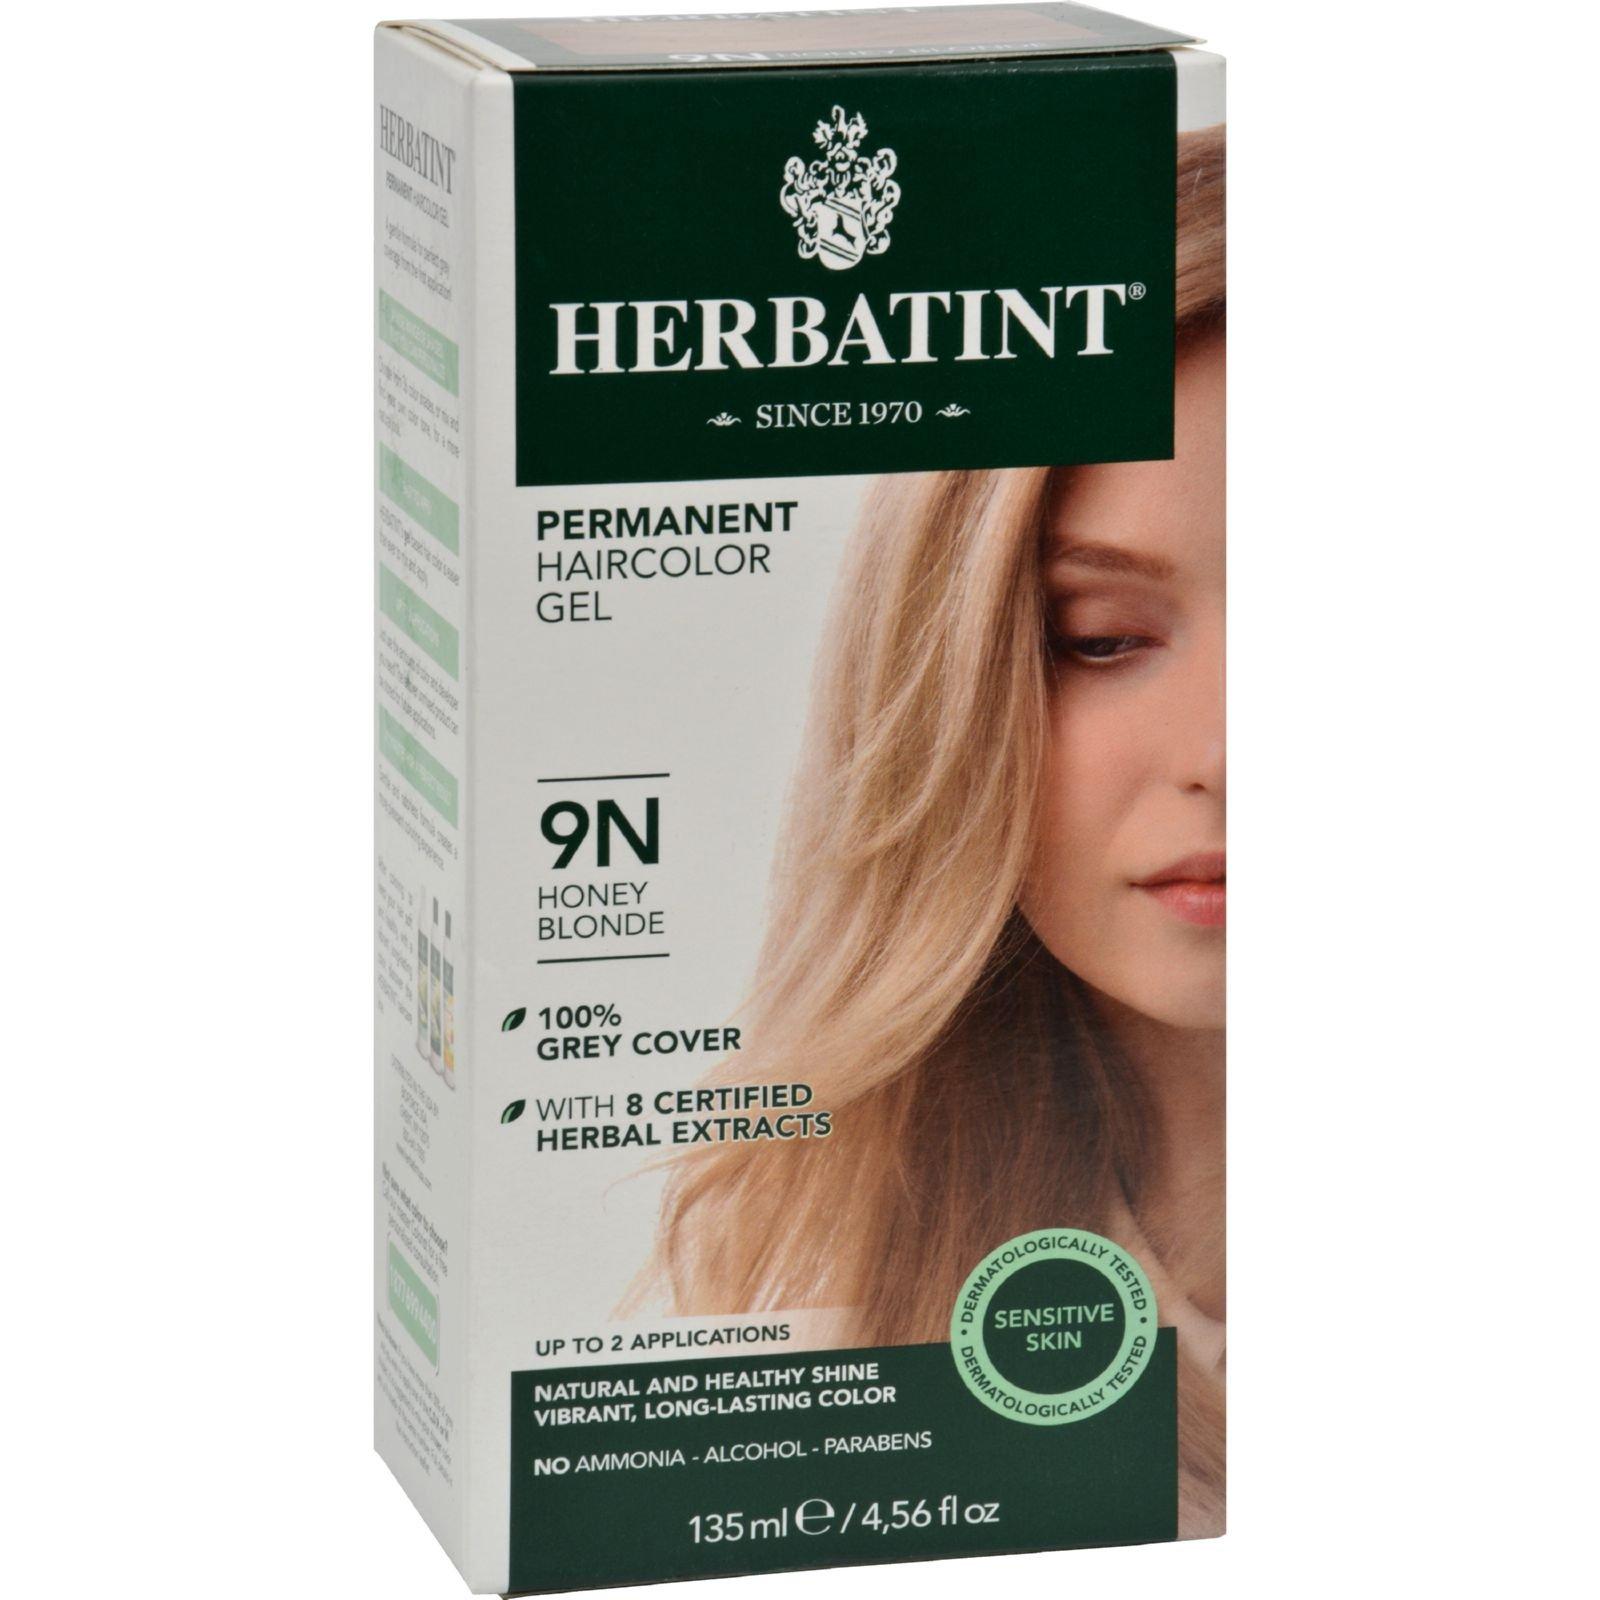 Herbatint Permanent Herbal Haircolour Gel 9N Honey Blonde - 135 ml (Pack of 3)